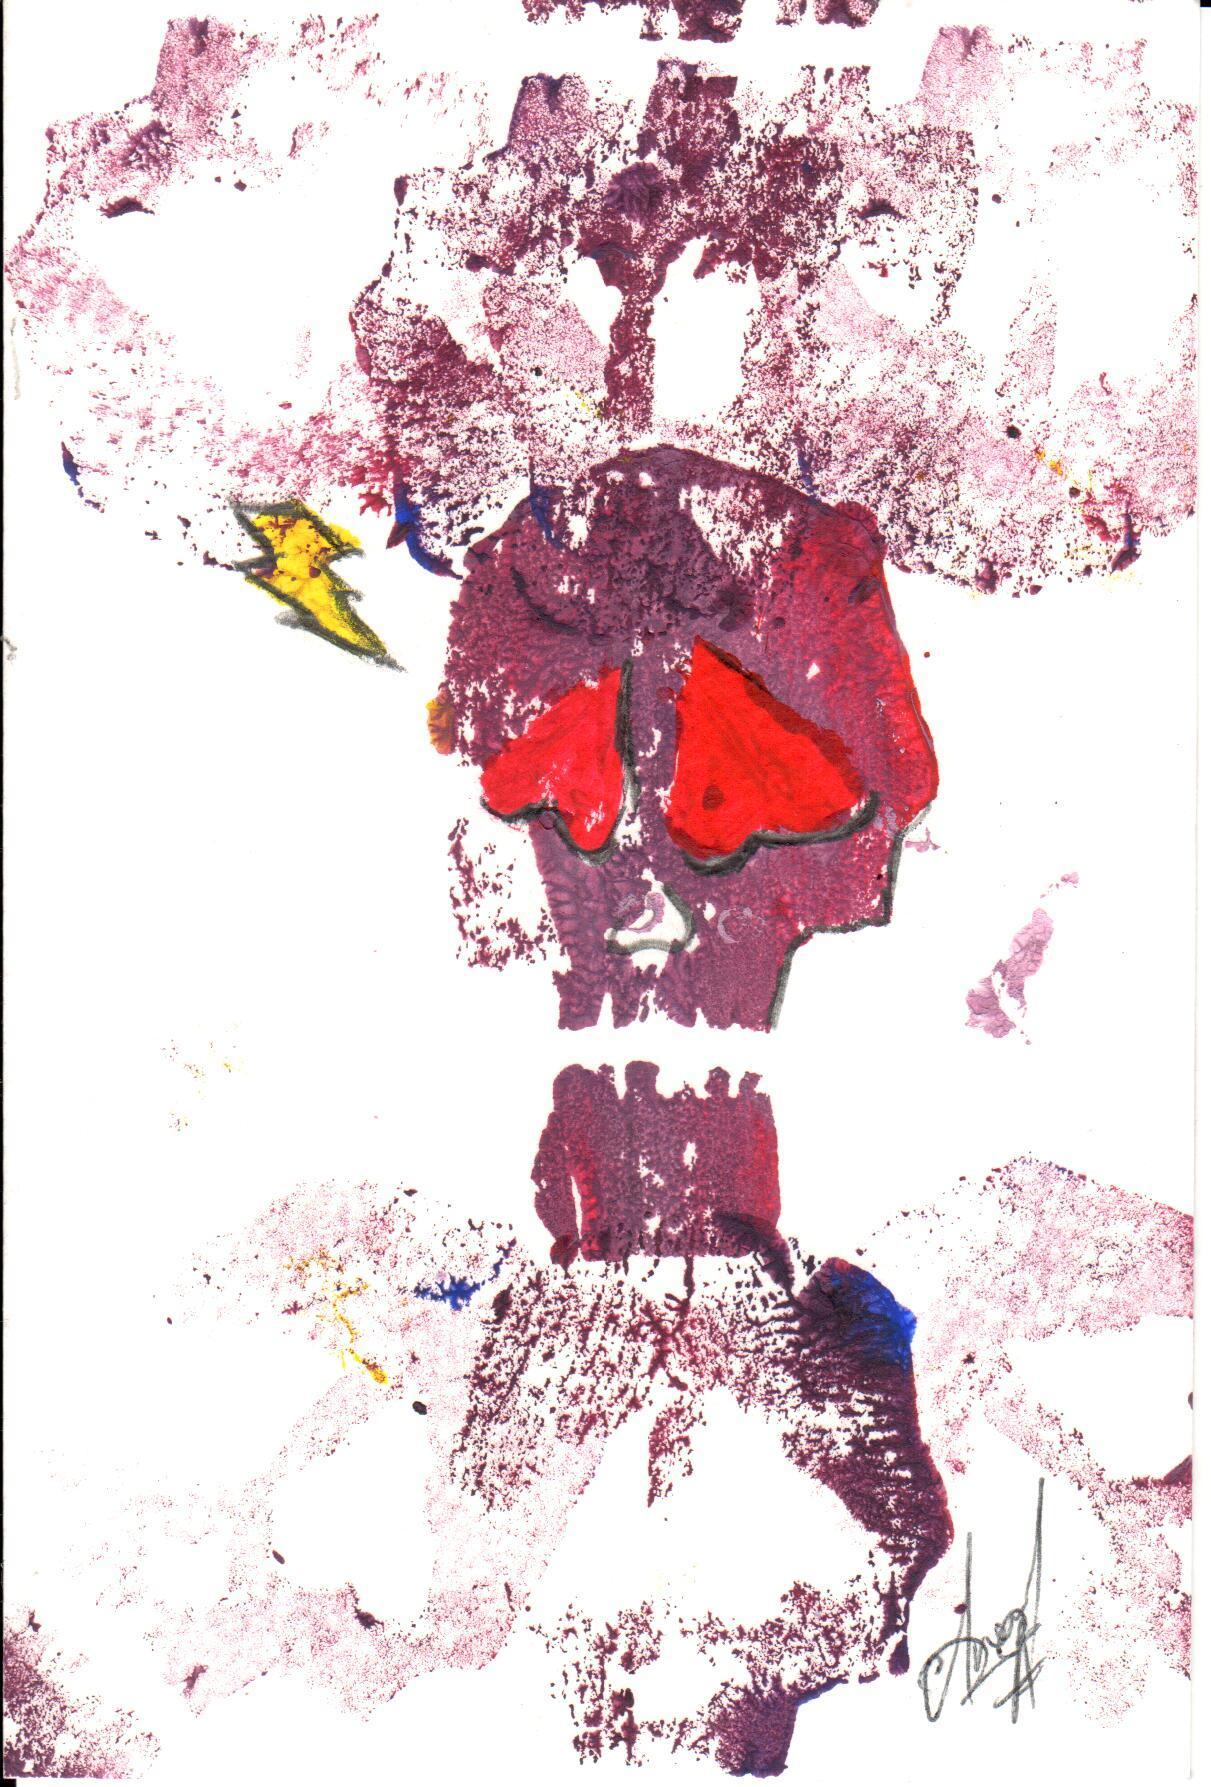 Anand Skull front.jpg